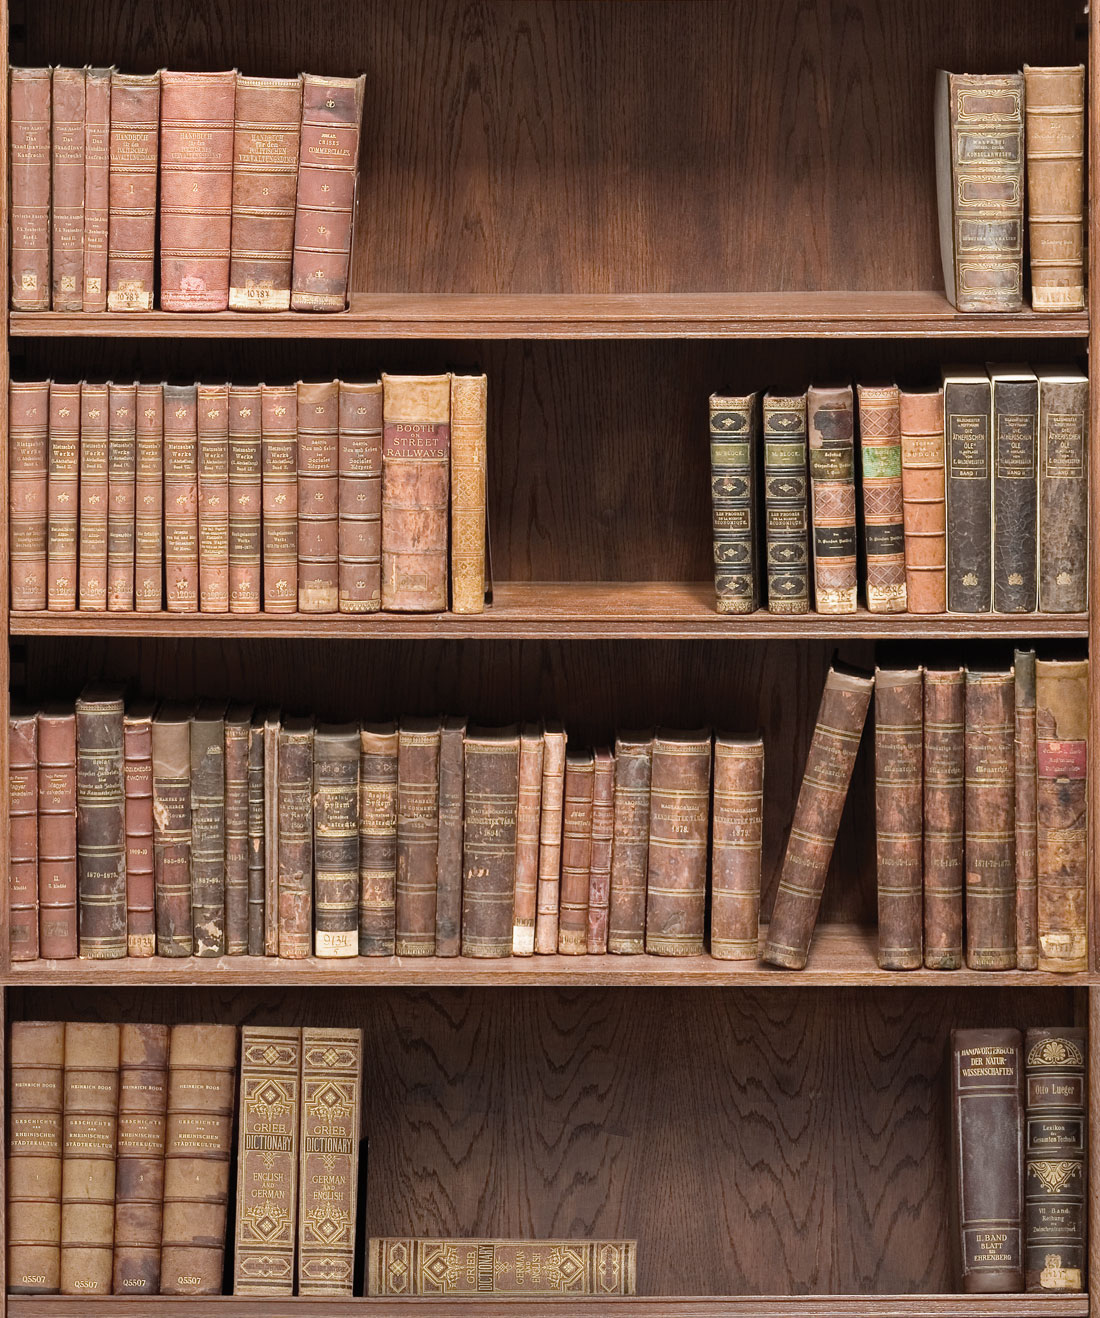 図書館の本棚 本の壁紙英国 1100x1318 Wallpapertip